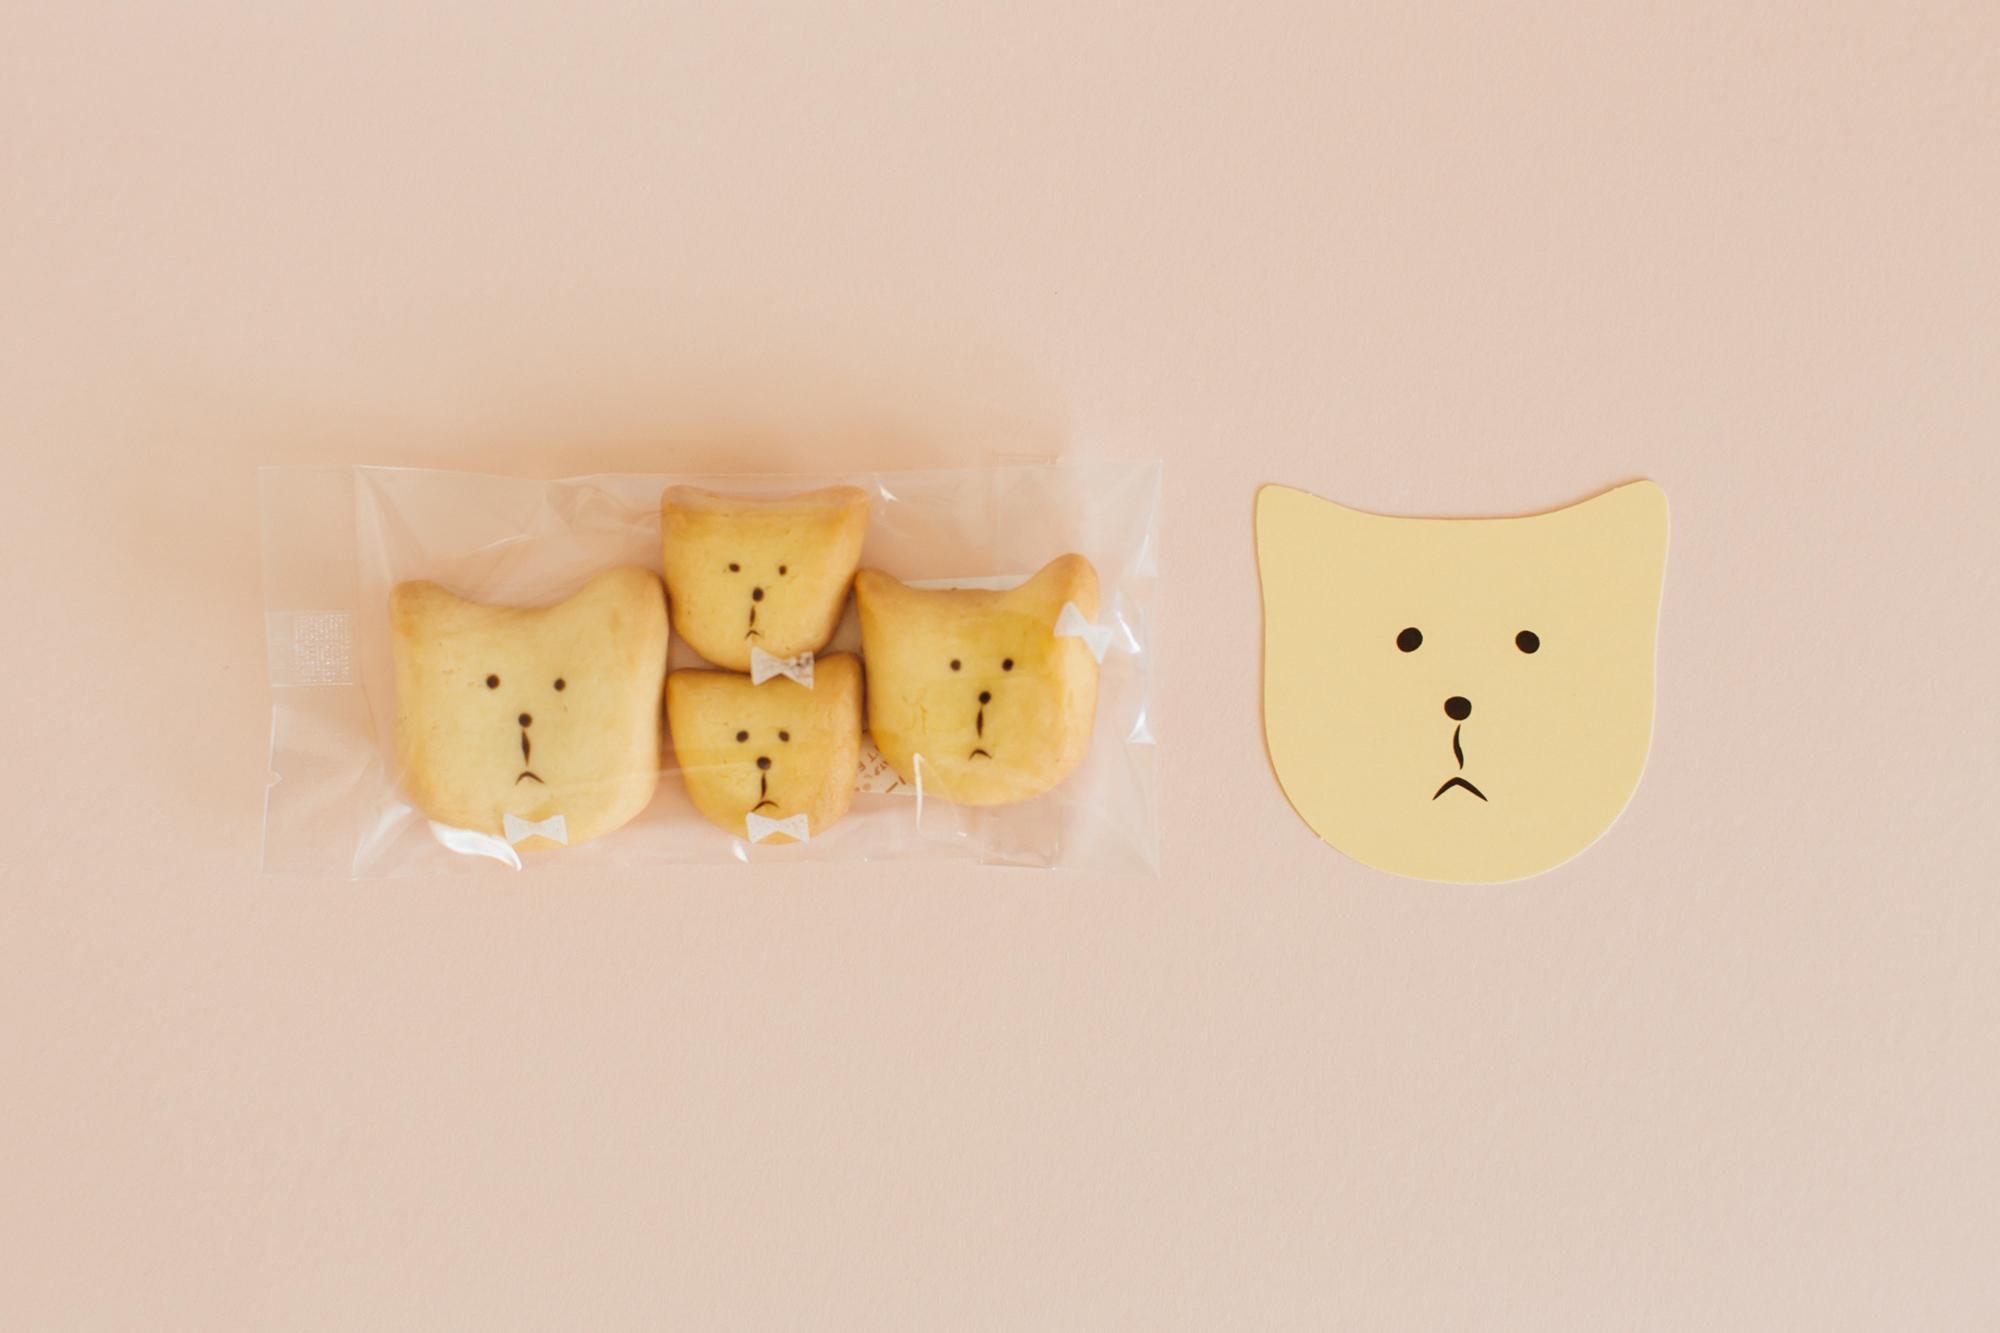 焼き菓子店のショップカードデザイン